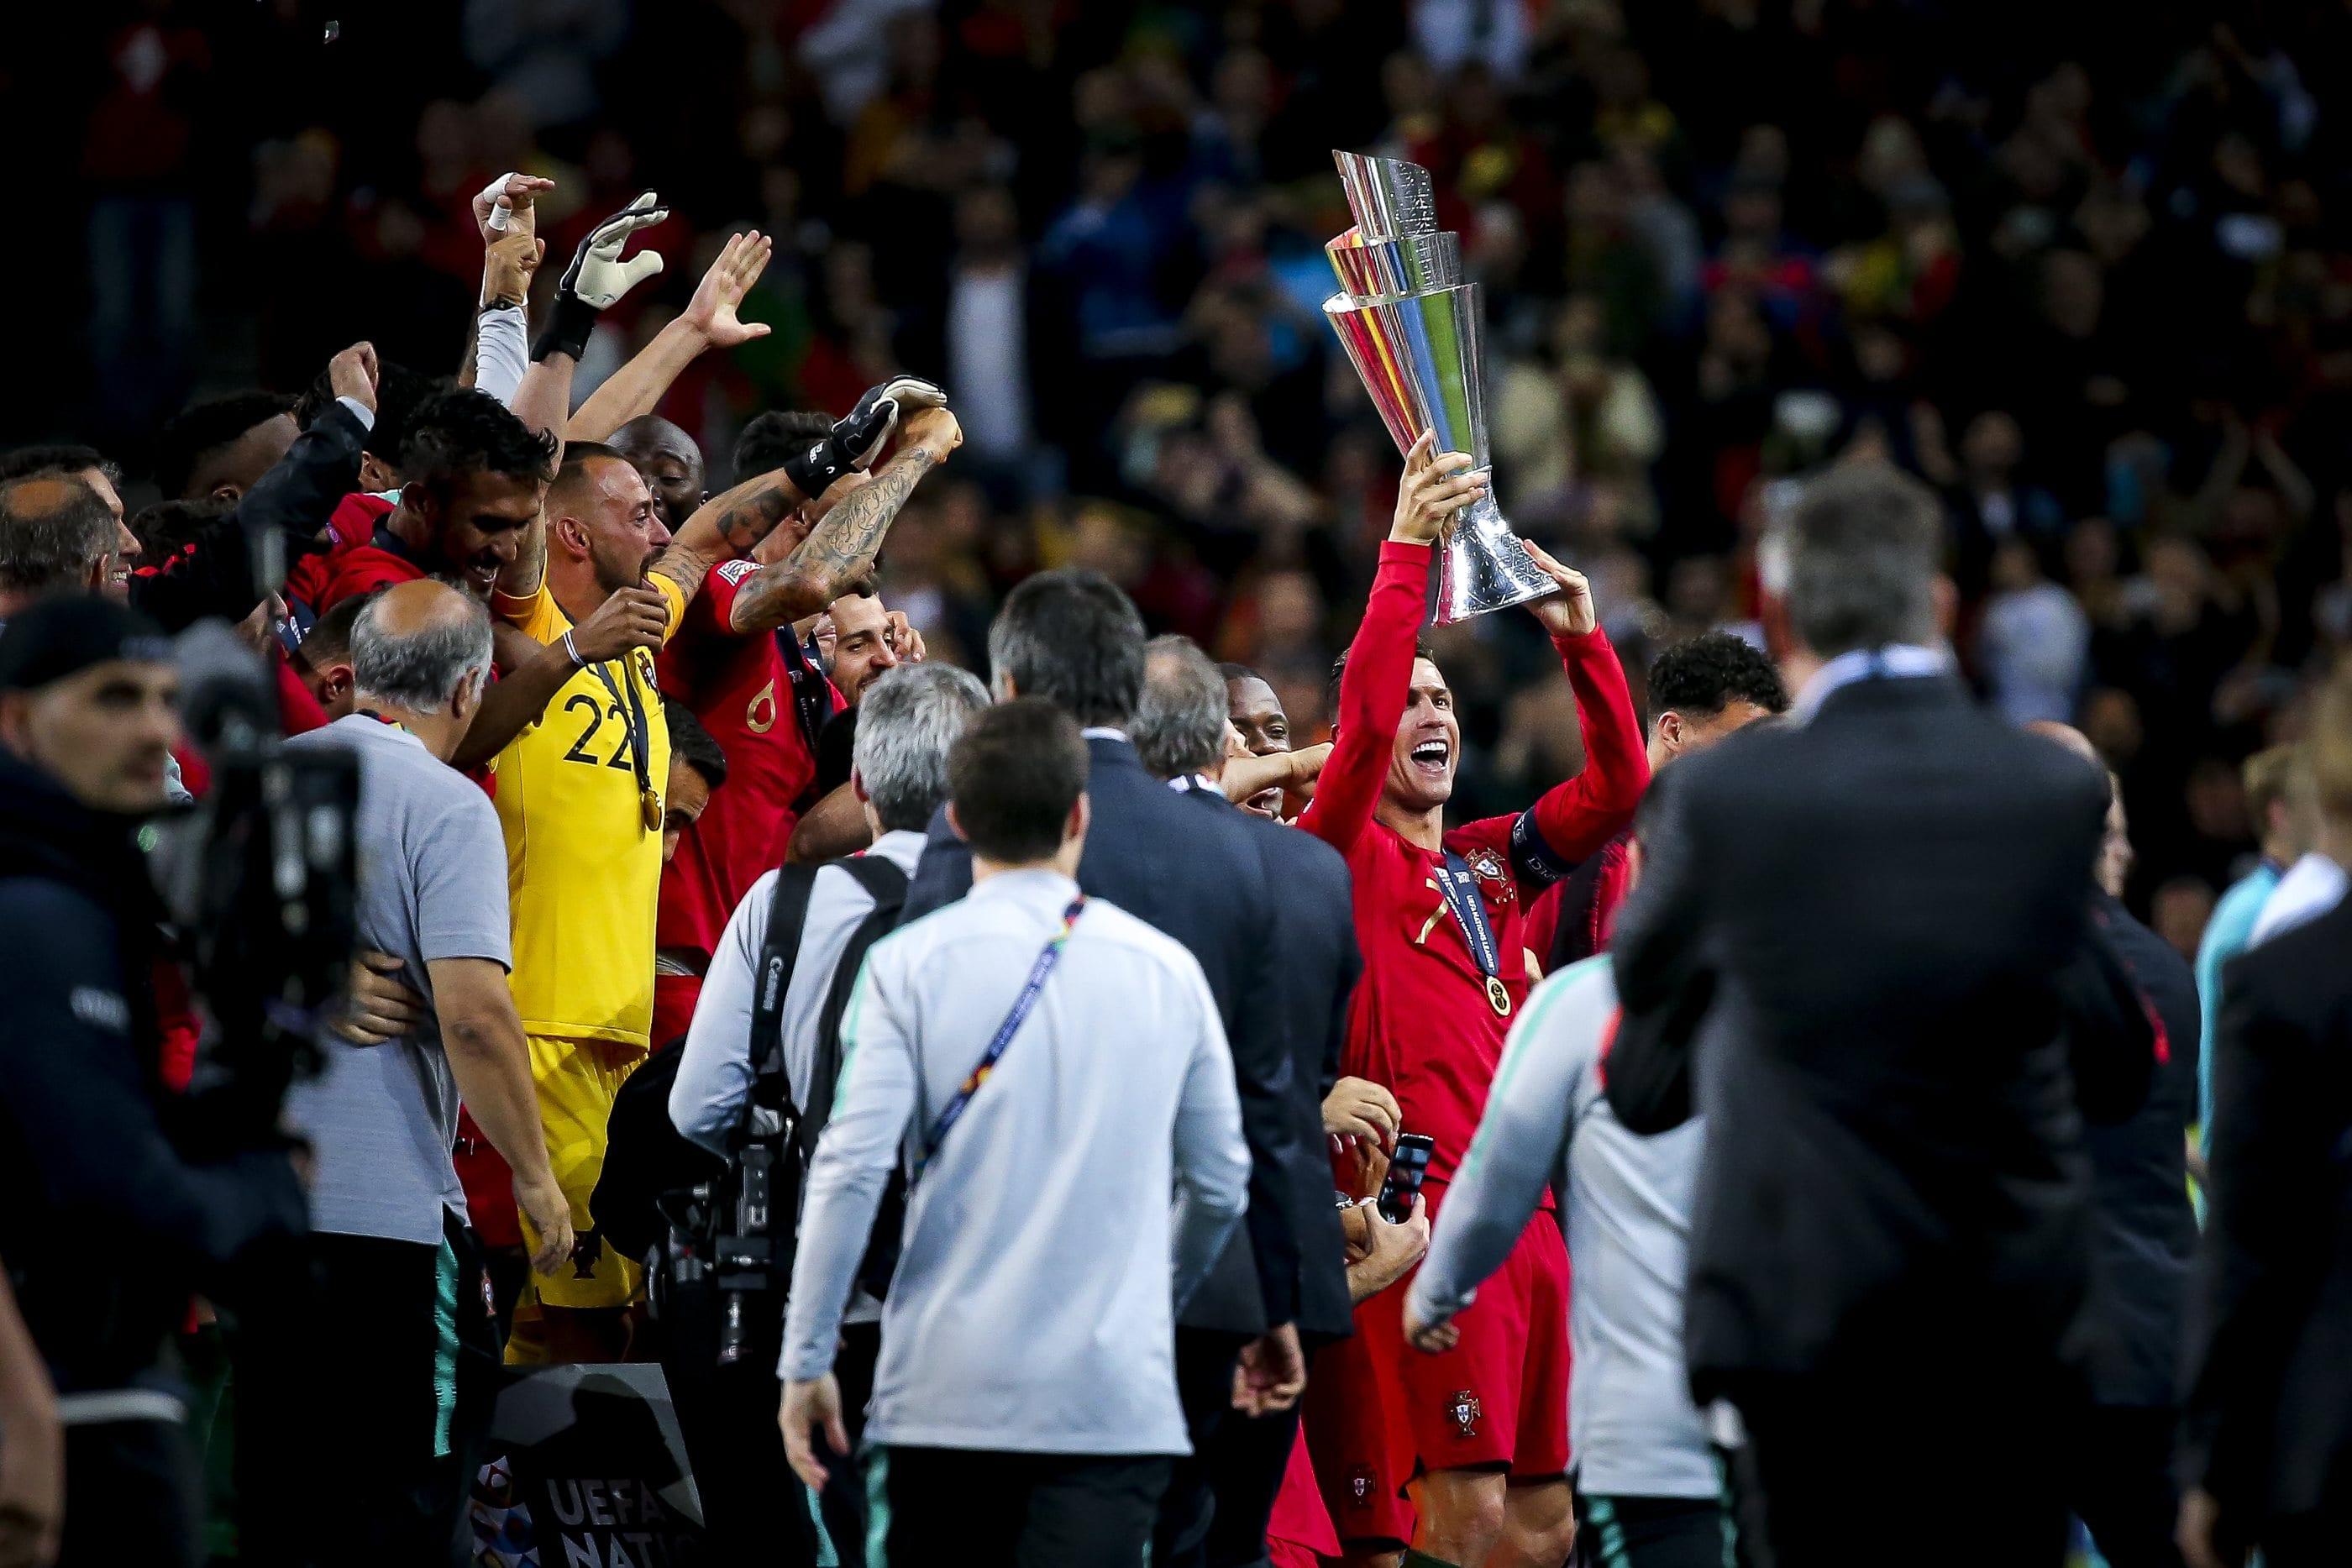 Campeão da Eurocopa, Cristiano Ronaldo levanta outro título pela seleção, o da Nations League